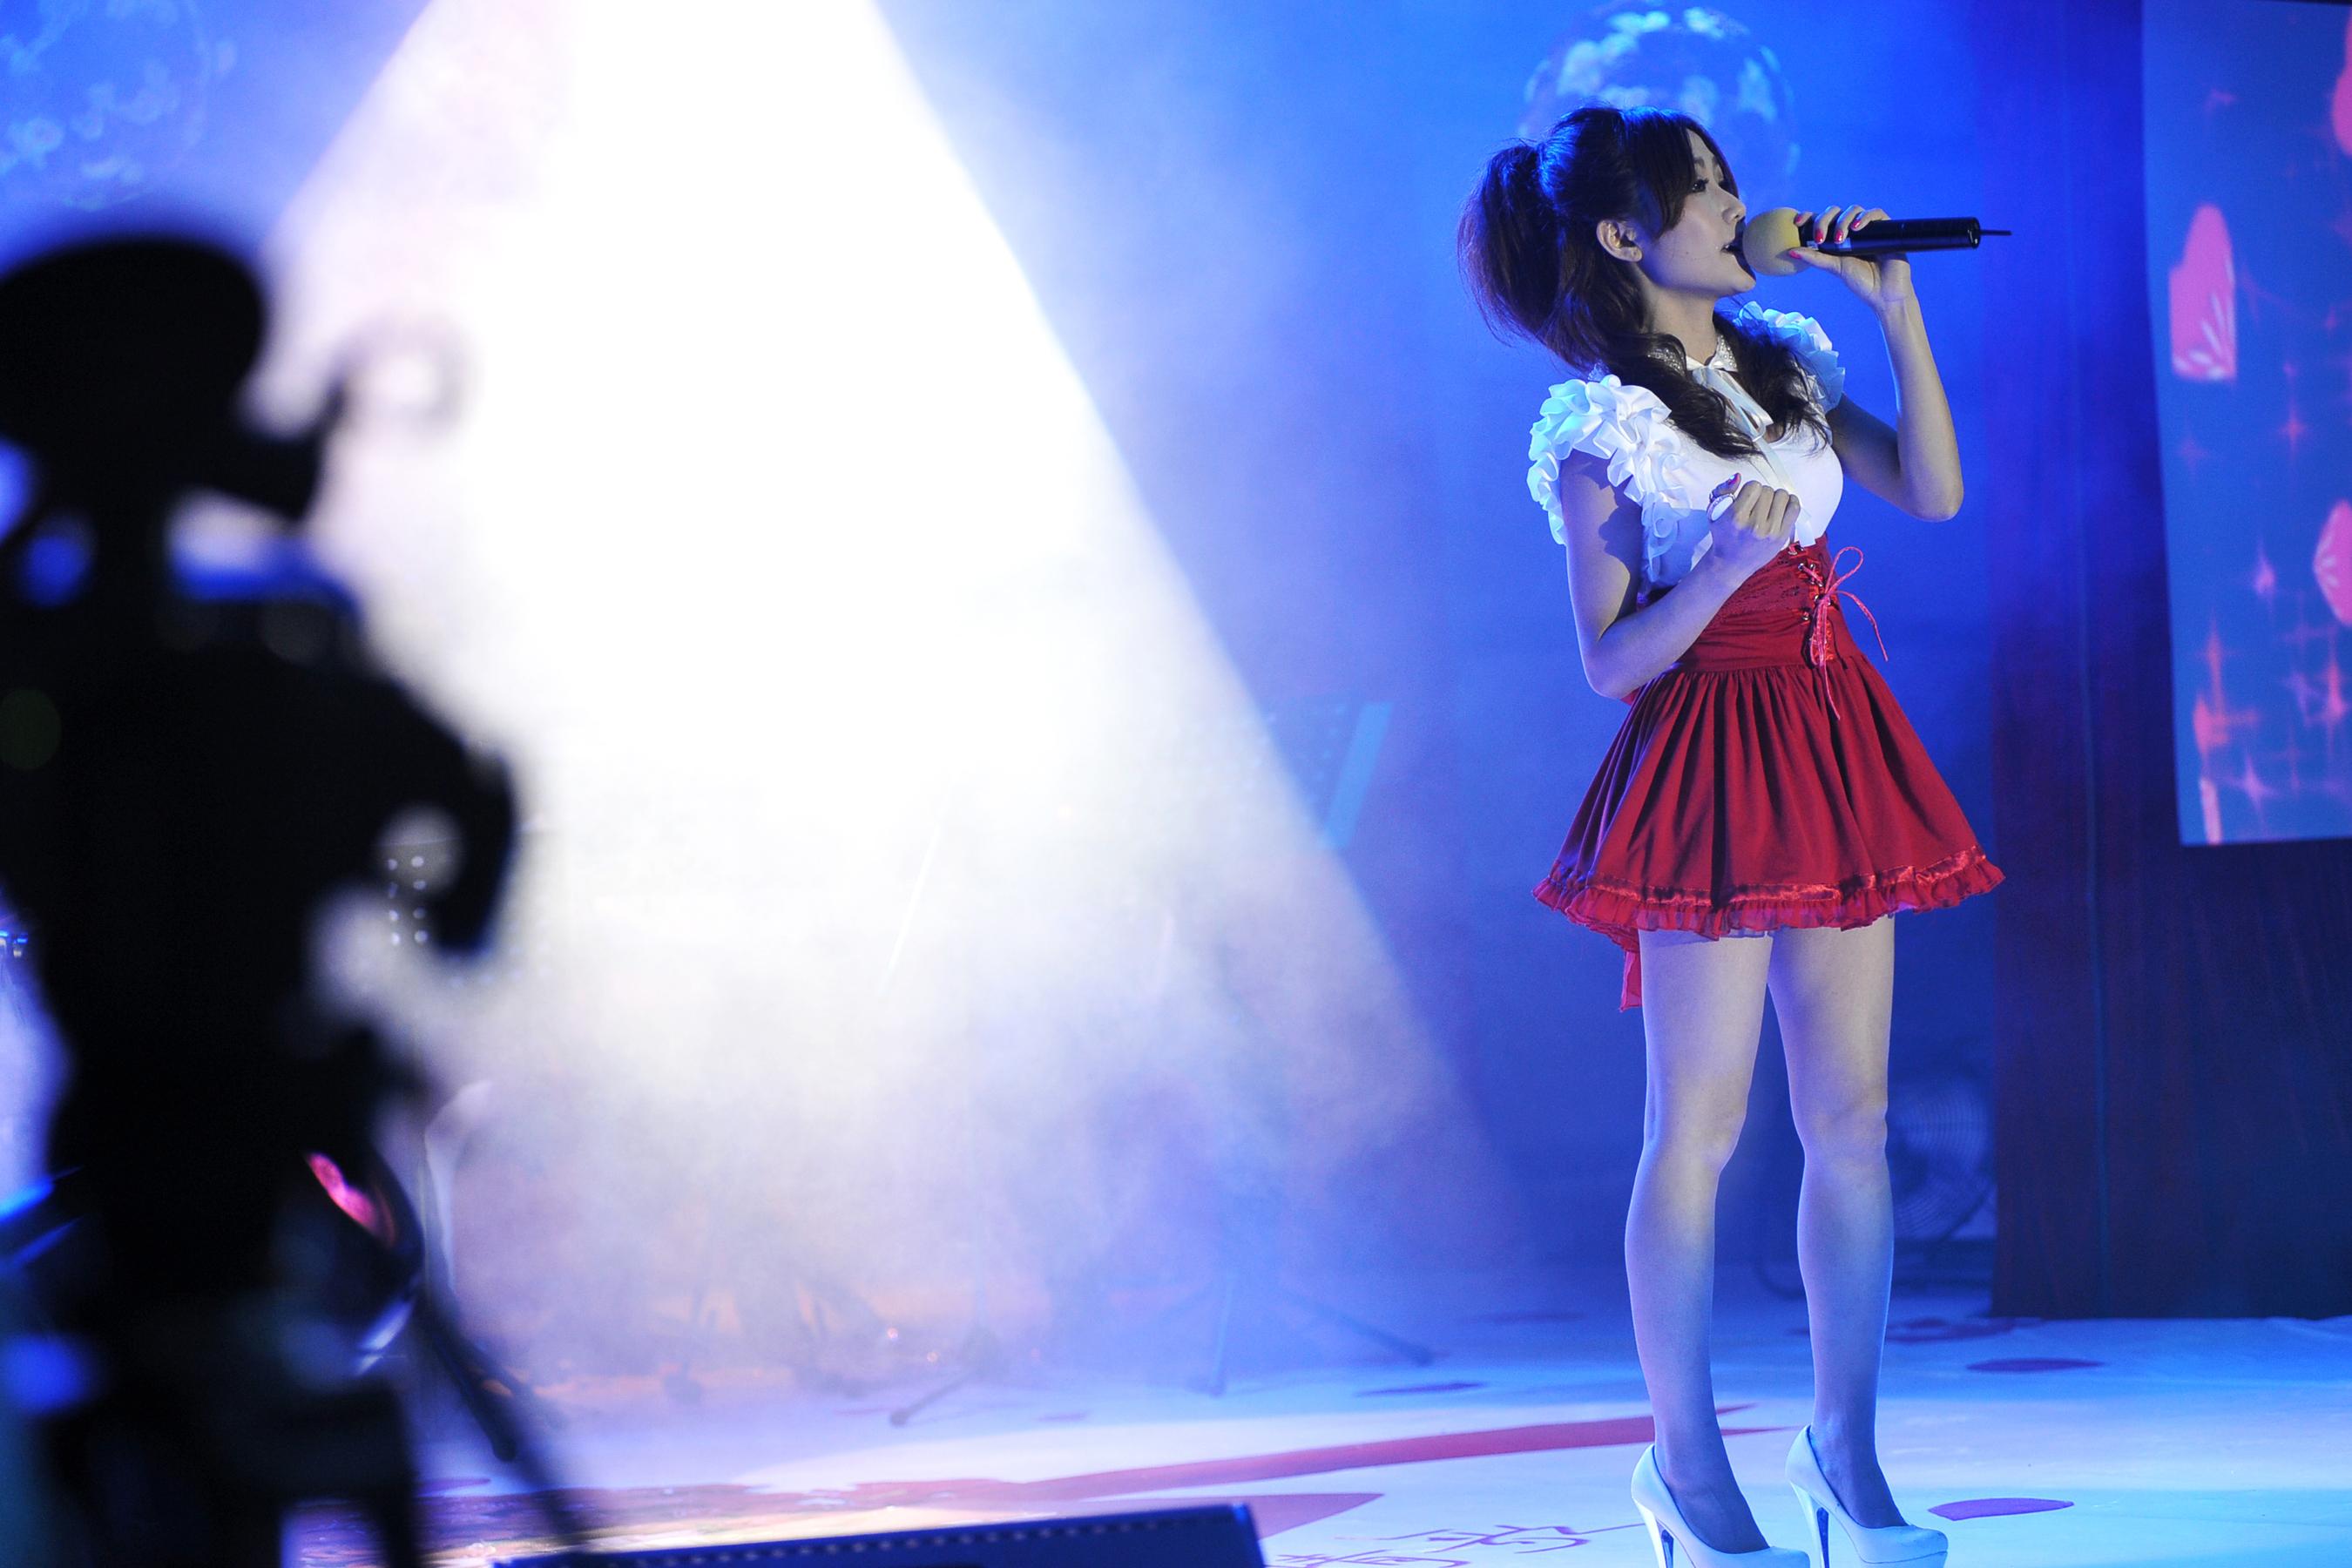 时尚建、韩小熏情人节王子情歌对唱-视频中国和音乐情趣内衣啪啪图片